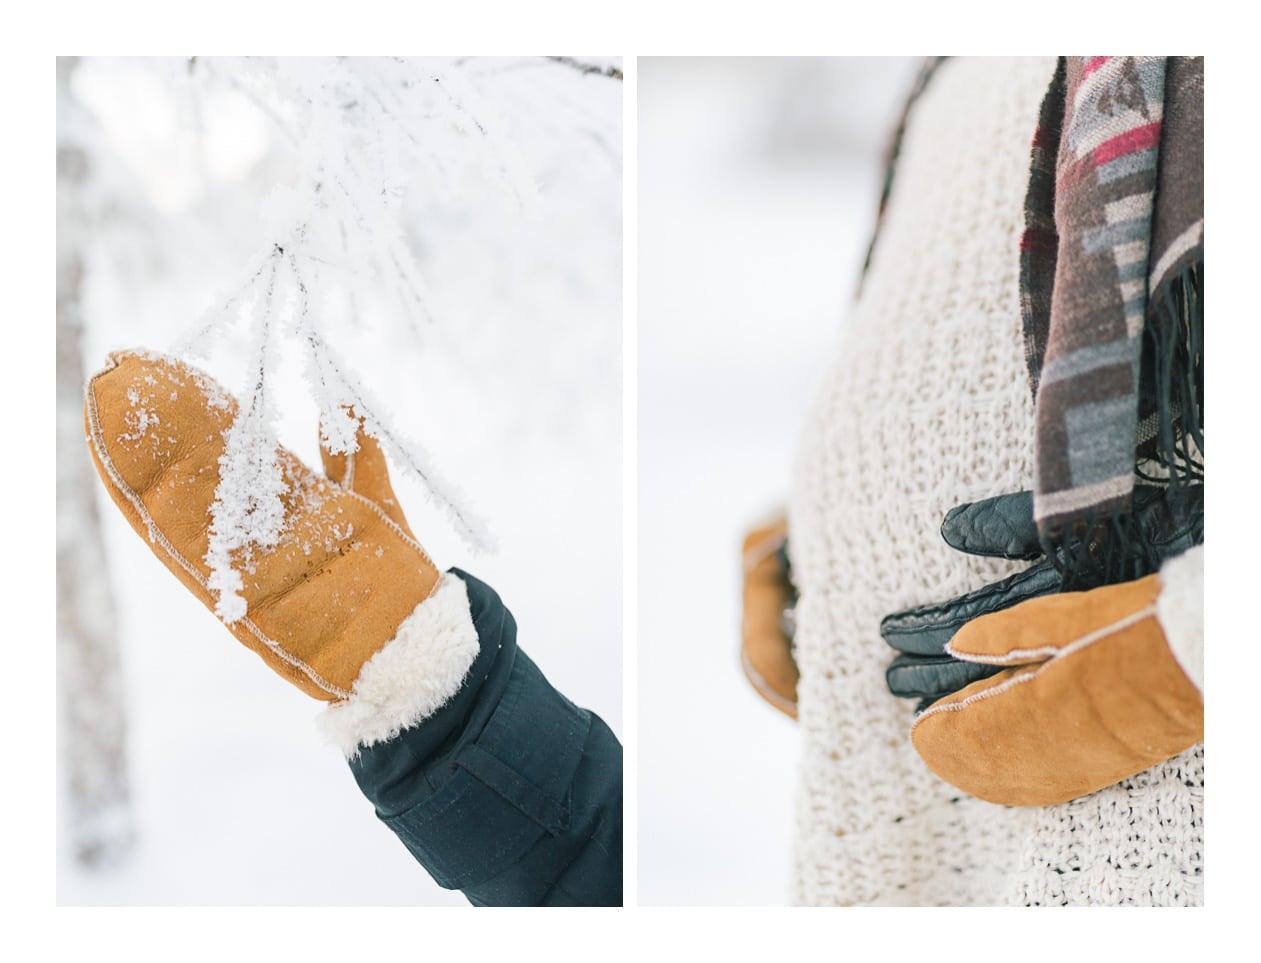 photo de détails des mains à Morzine en hiver dans la neige